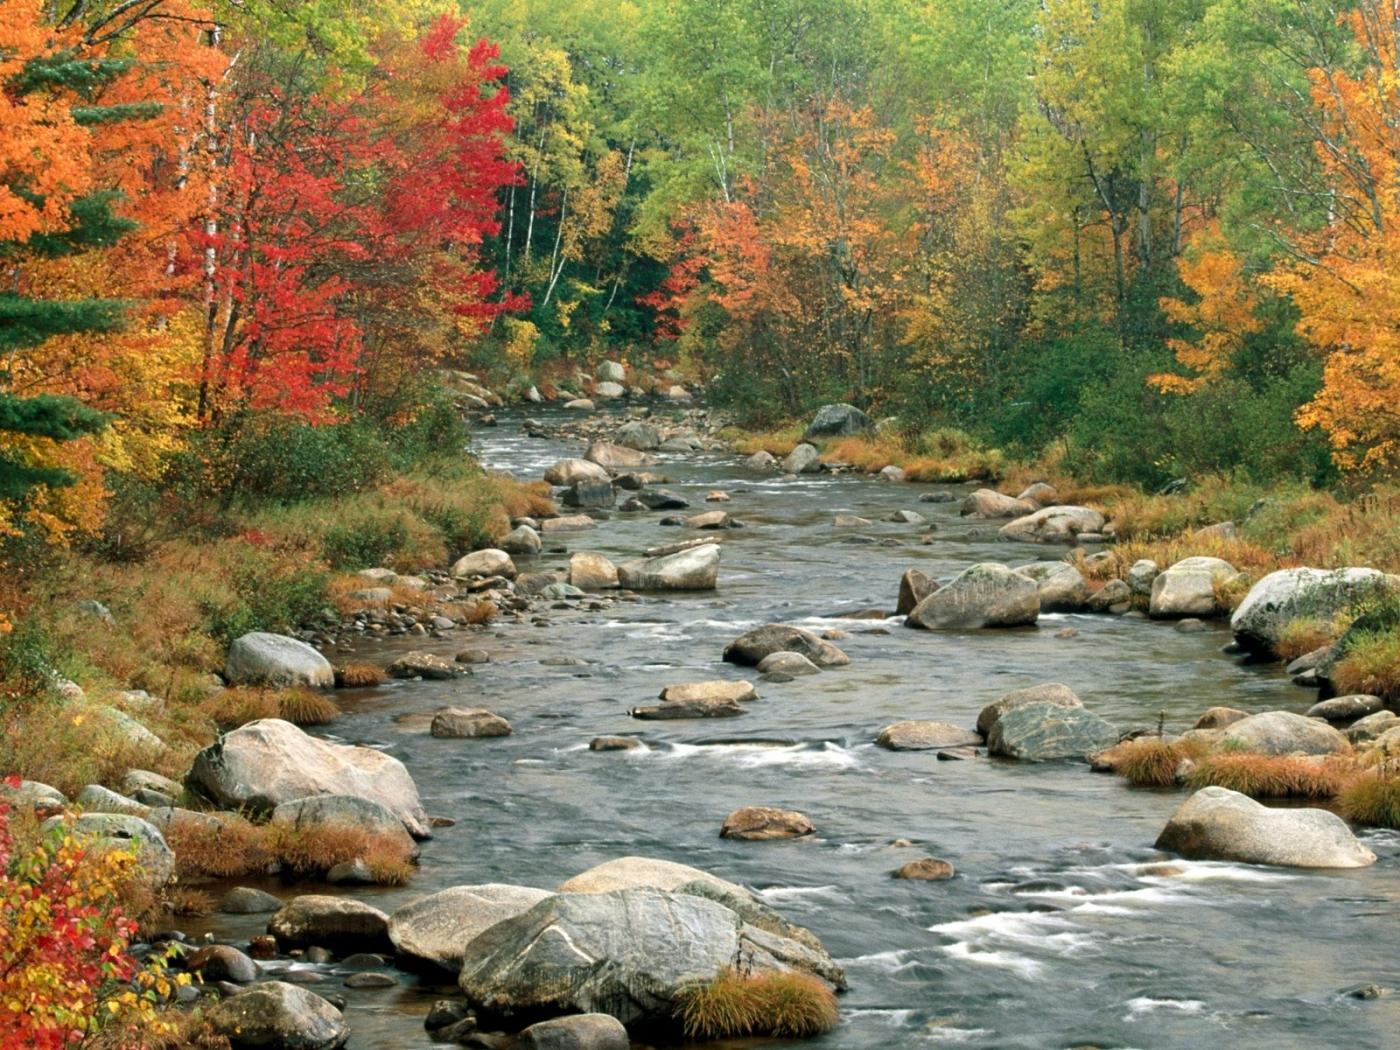 27294 скачать обои Пейзаж, Река, Деревья, Камни - заставки и картинки бесплатно